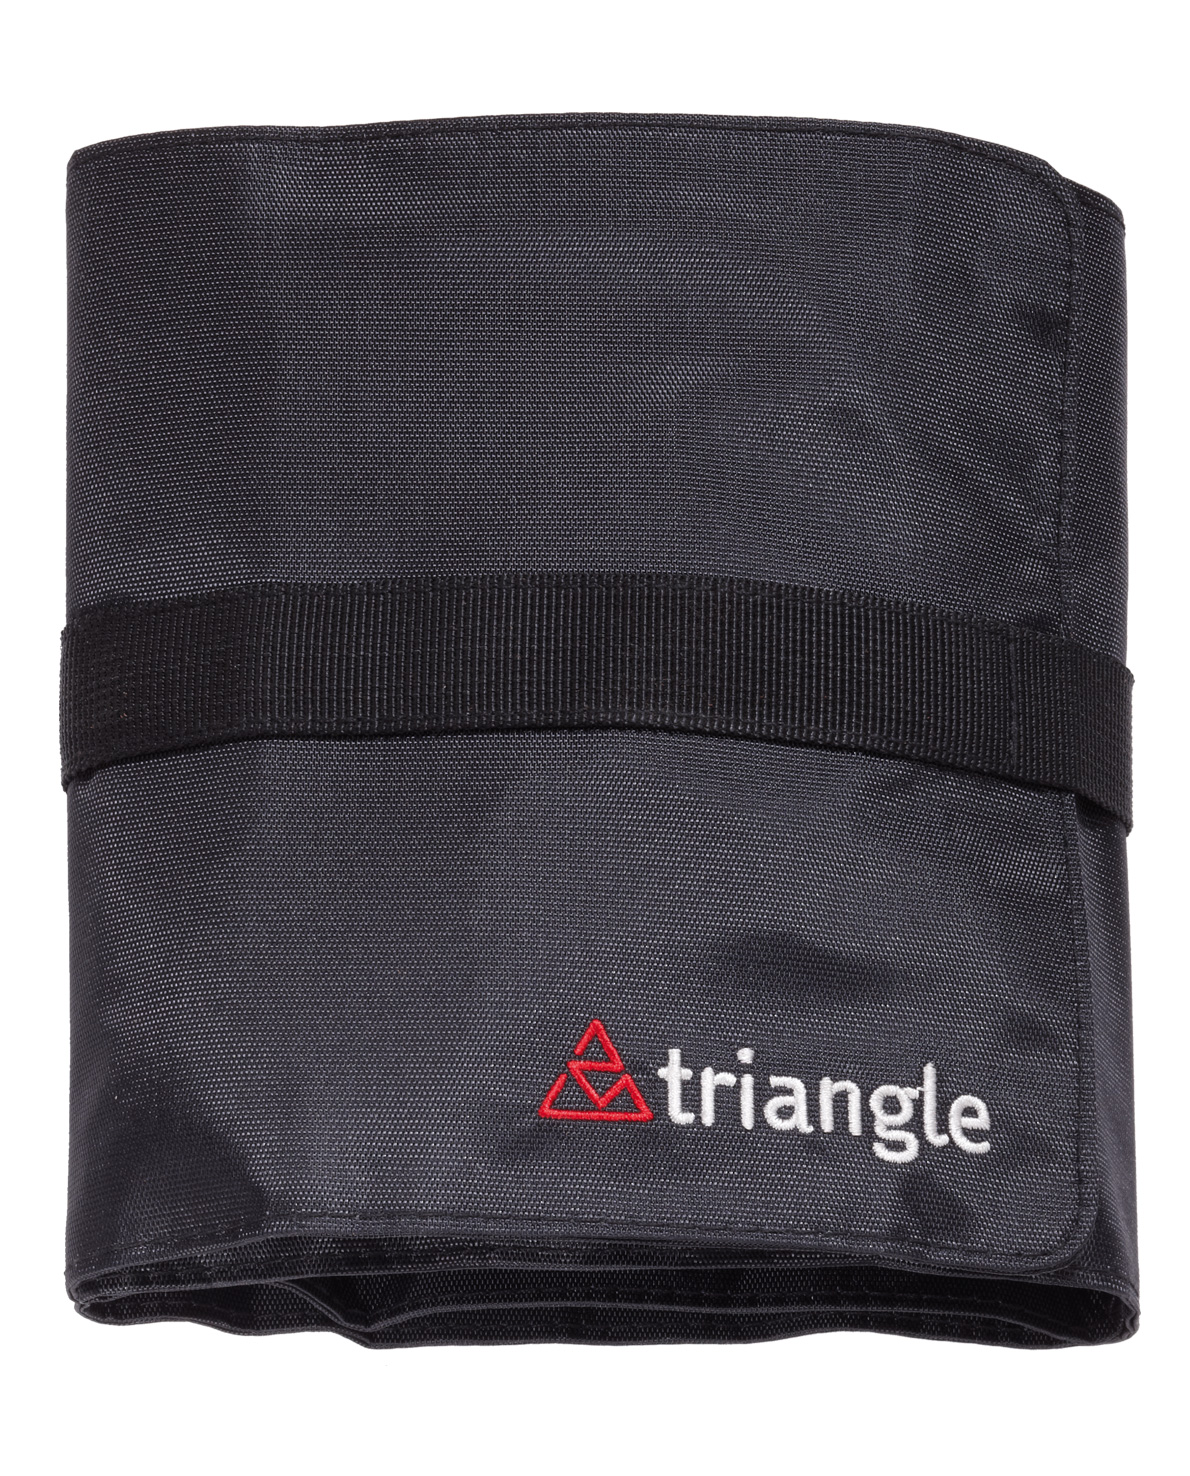 Rolltasche Artist für triangle Schnitzwerkzeuge